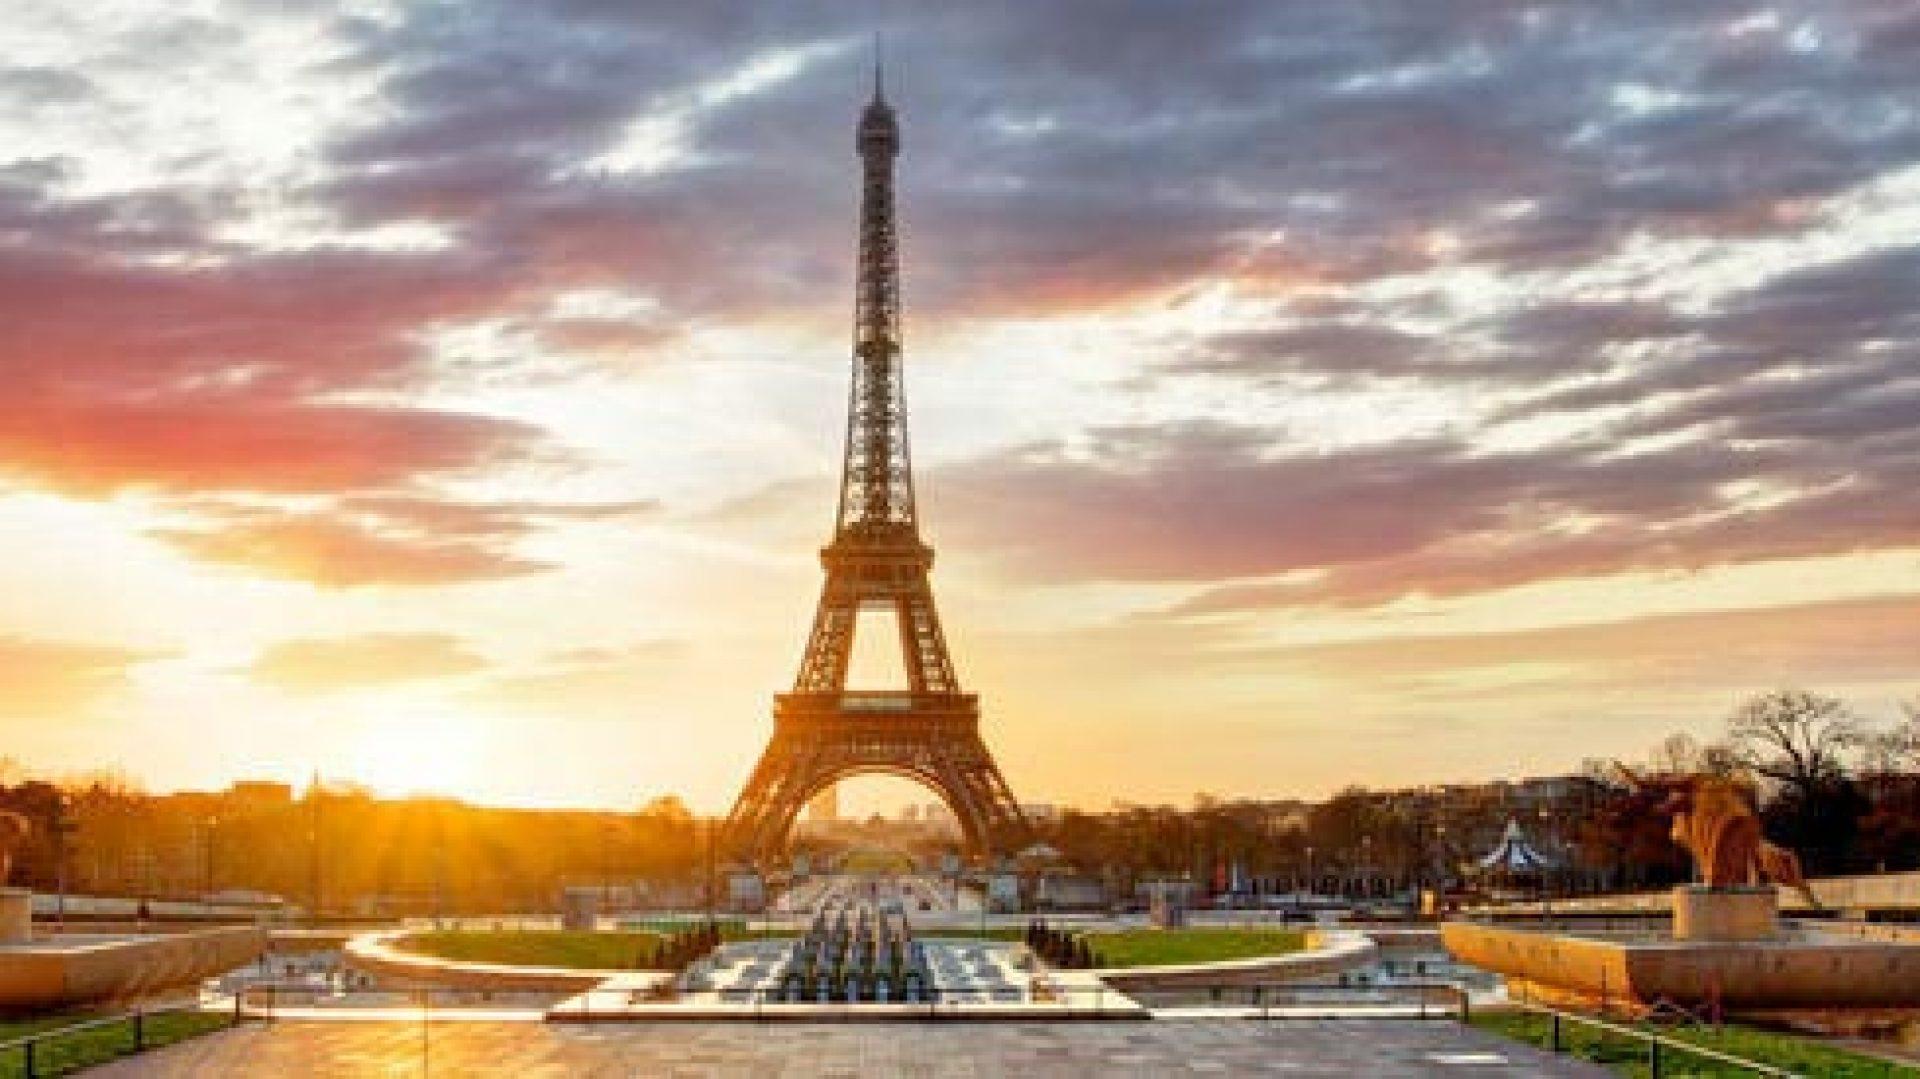 Meilleur Sur Paris, Ile-de-France - 75000